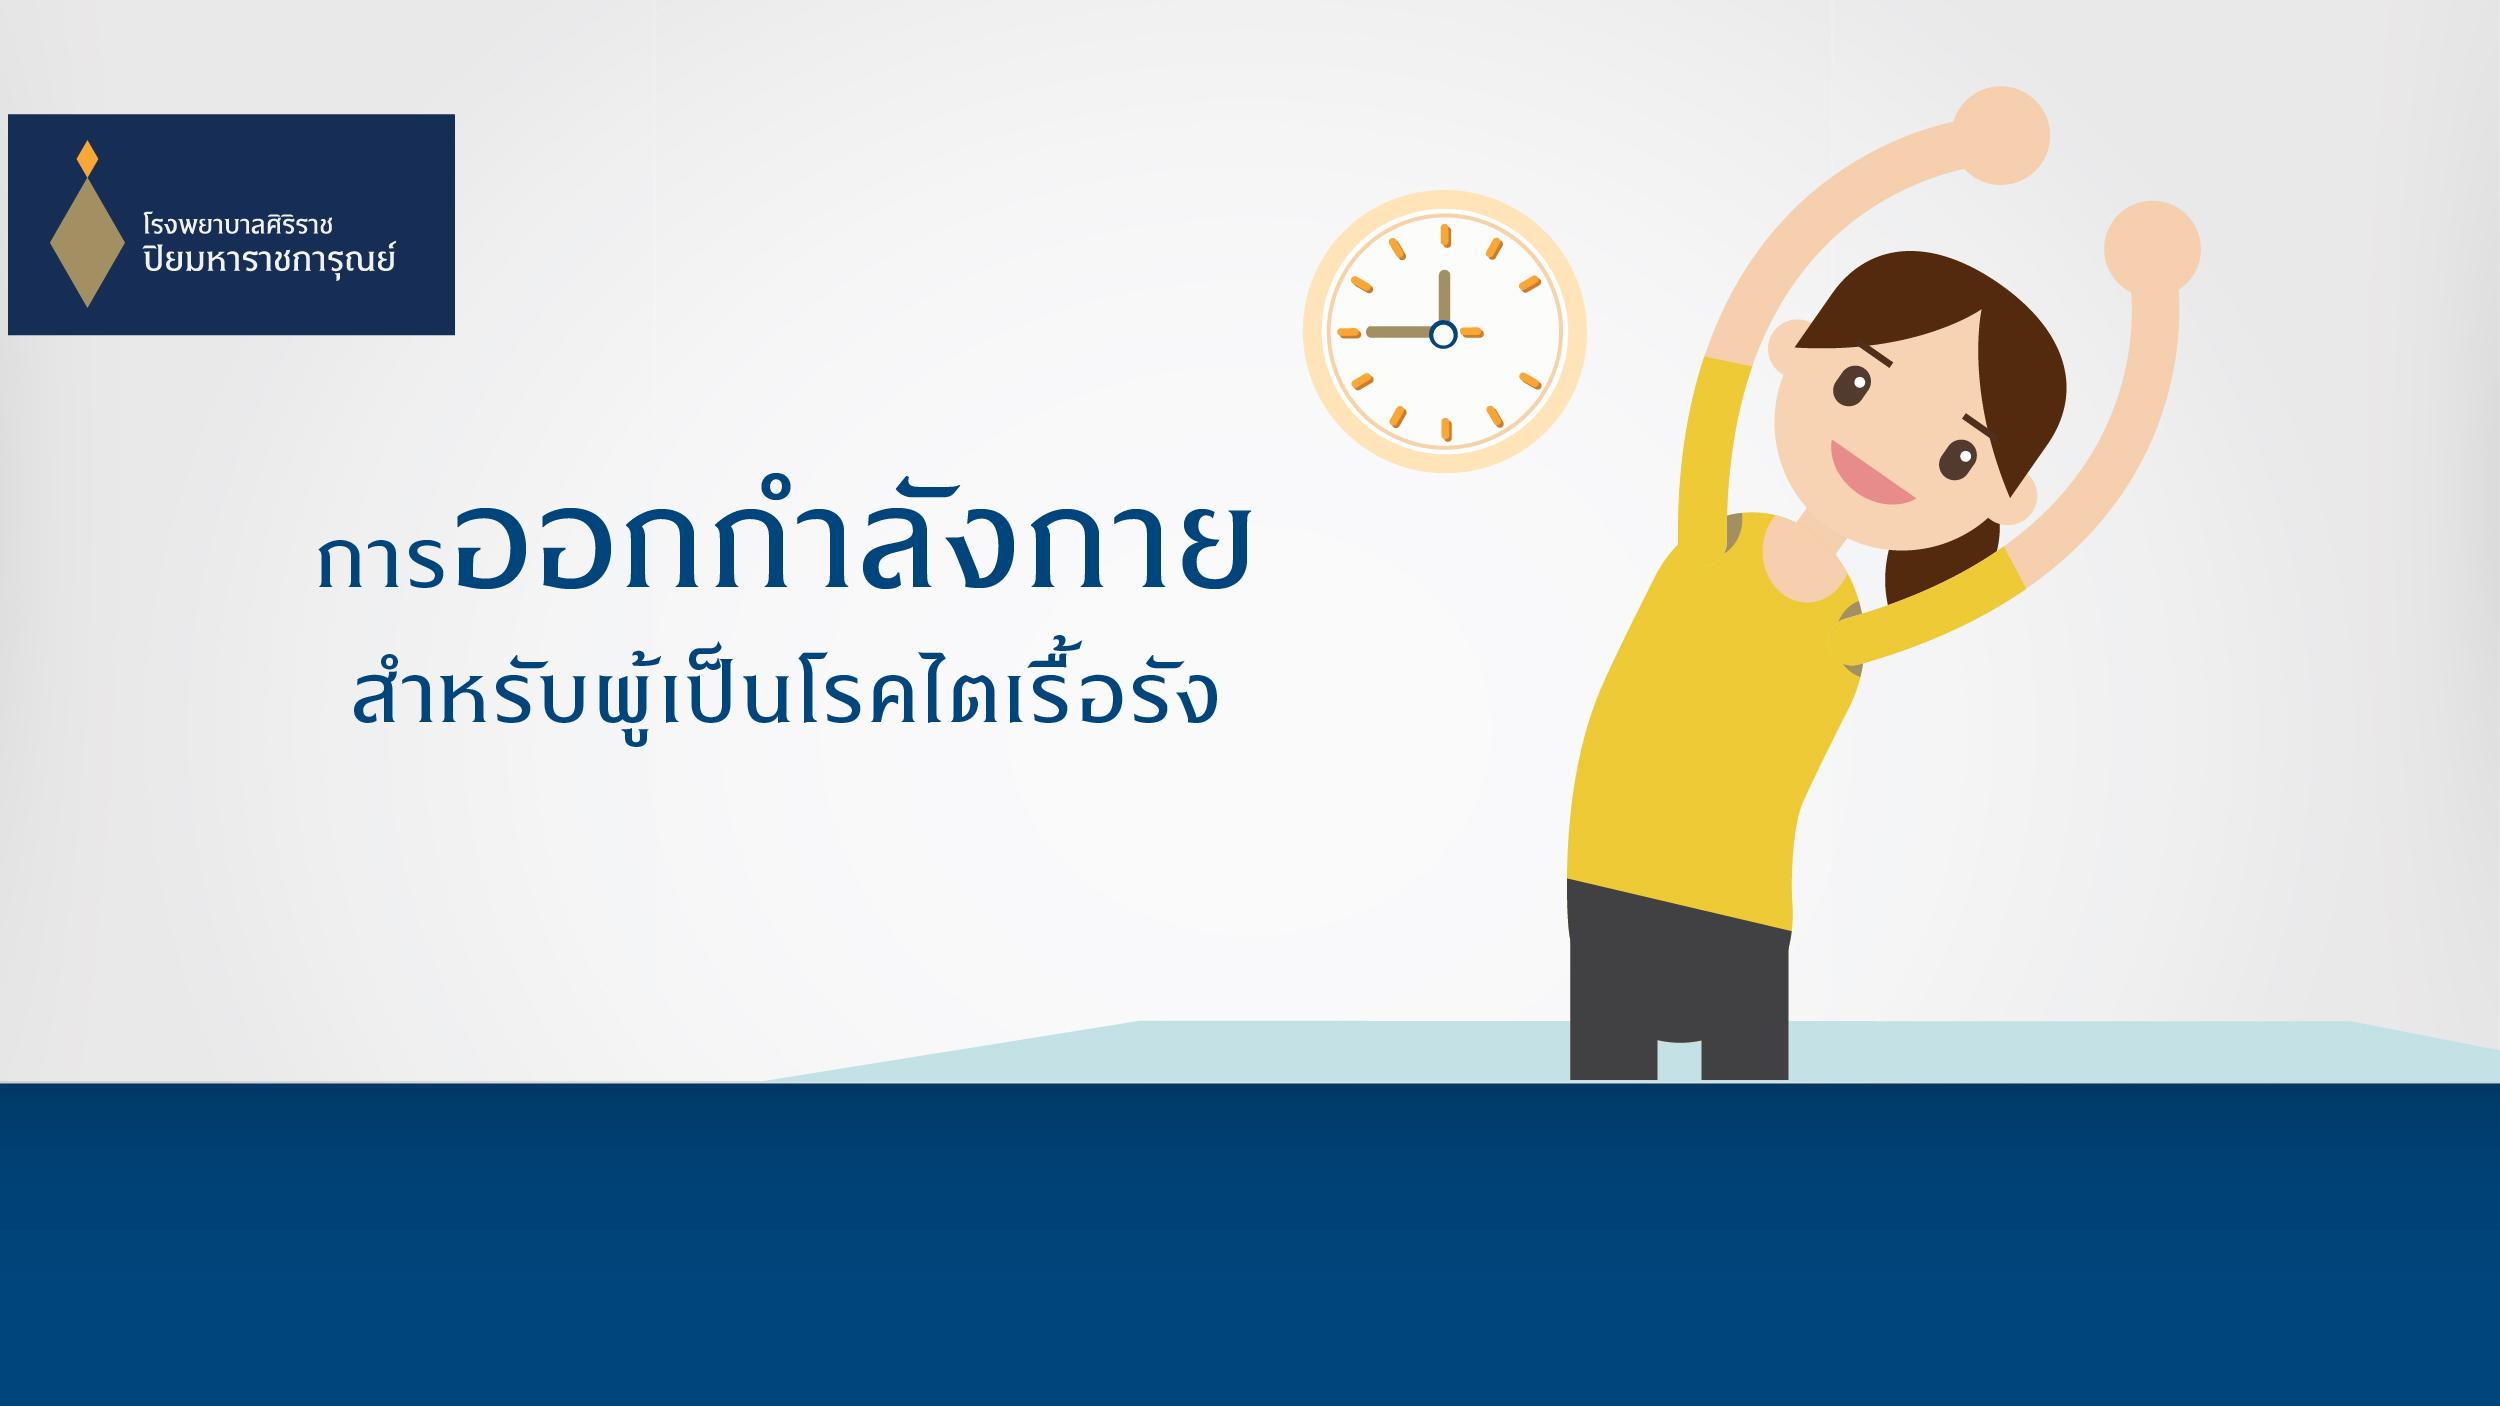 การออกกำลังกายสำหรับผู้ป่วยโรคไตเรื้อรัง (Kidney exercise)